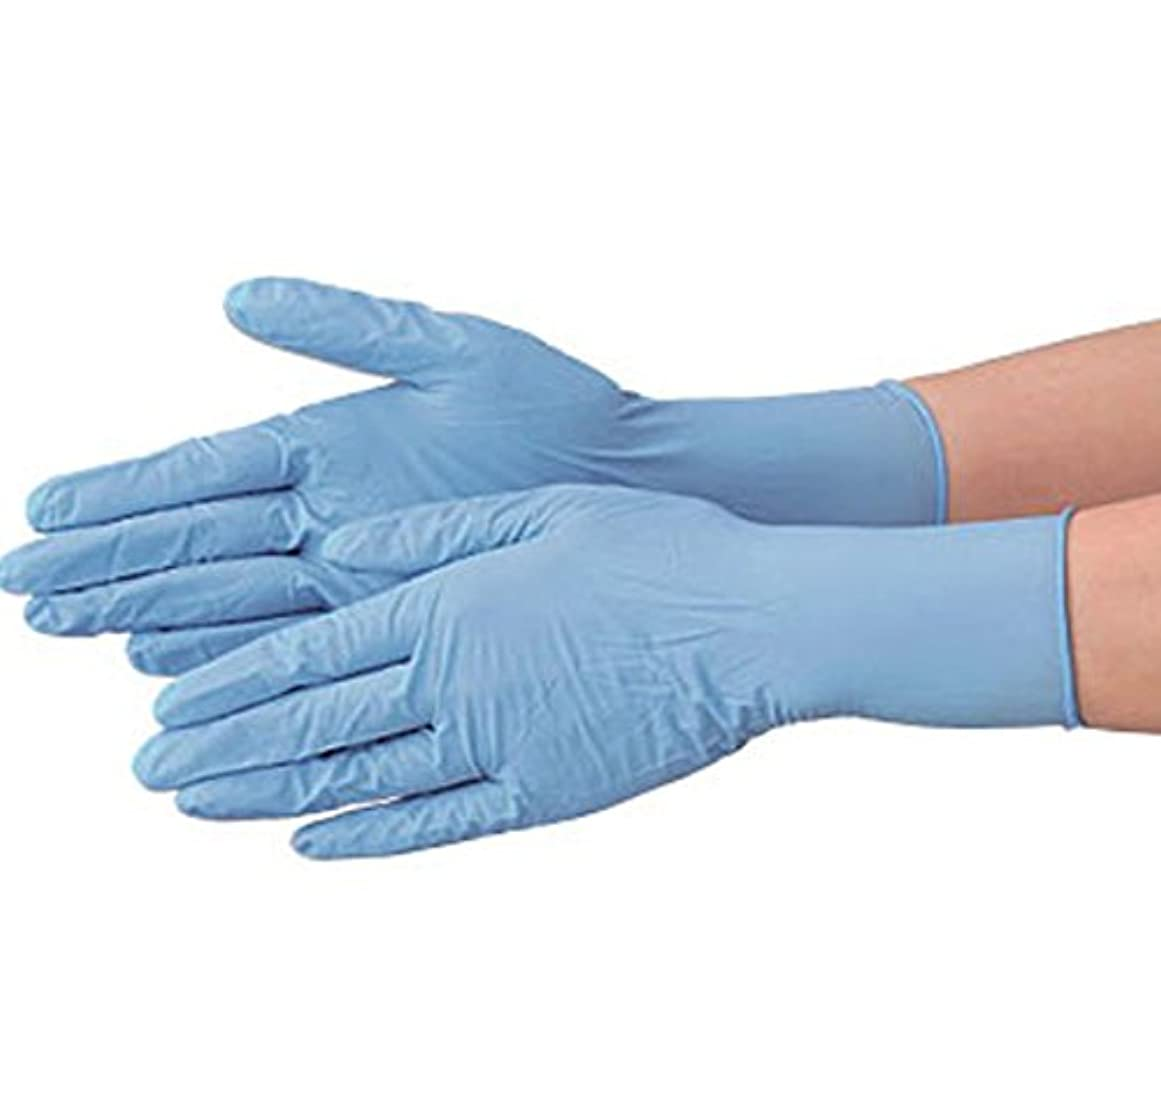 悲惨な消去まっすぐ使い捨て 手袋 エブノ 520 ニトリル 極薄手袋 パウダーフリー ブルー Sサイズ 2ケース(100枚×40箱)